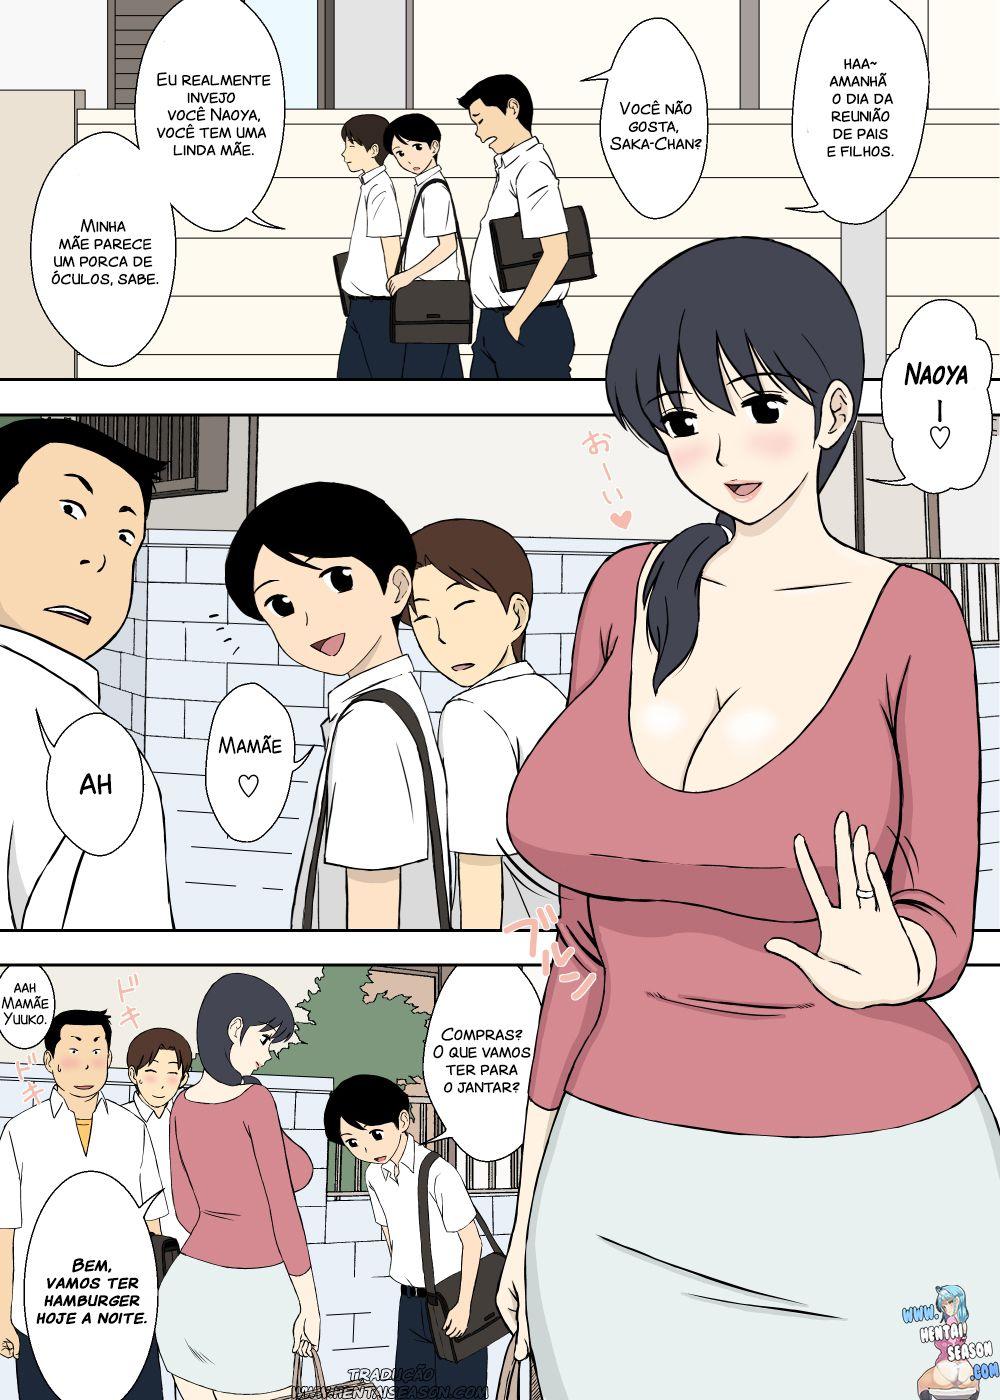 Treinamento de sexo da mamãe - Foto 3